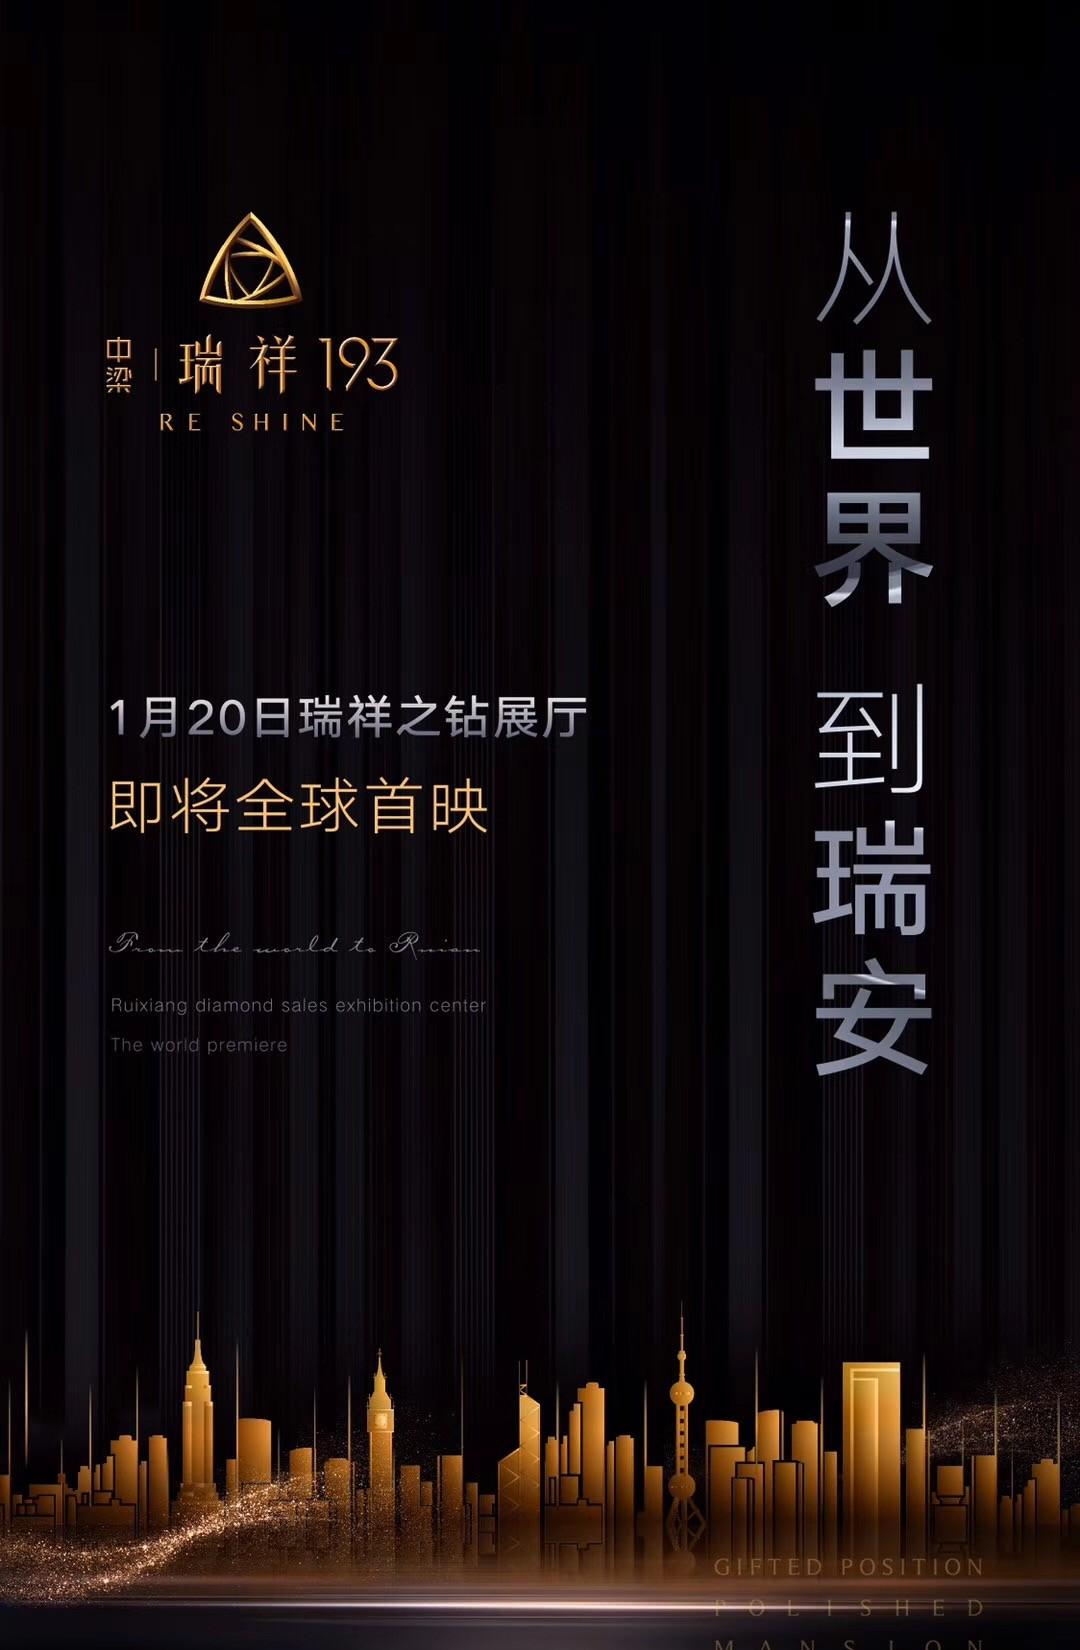 中梁瑞祥193